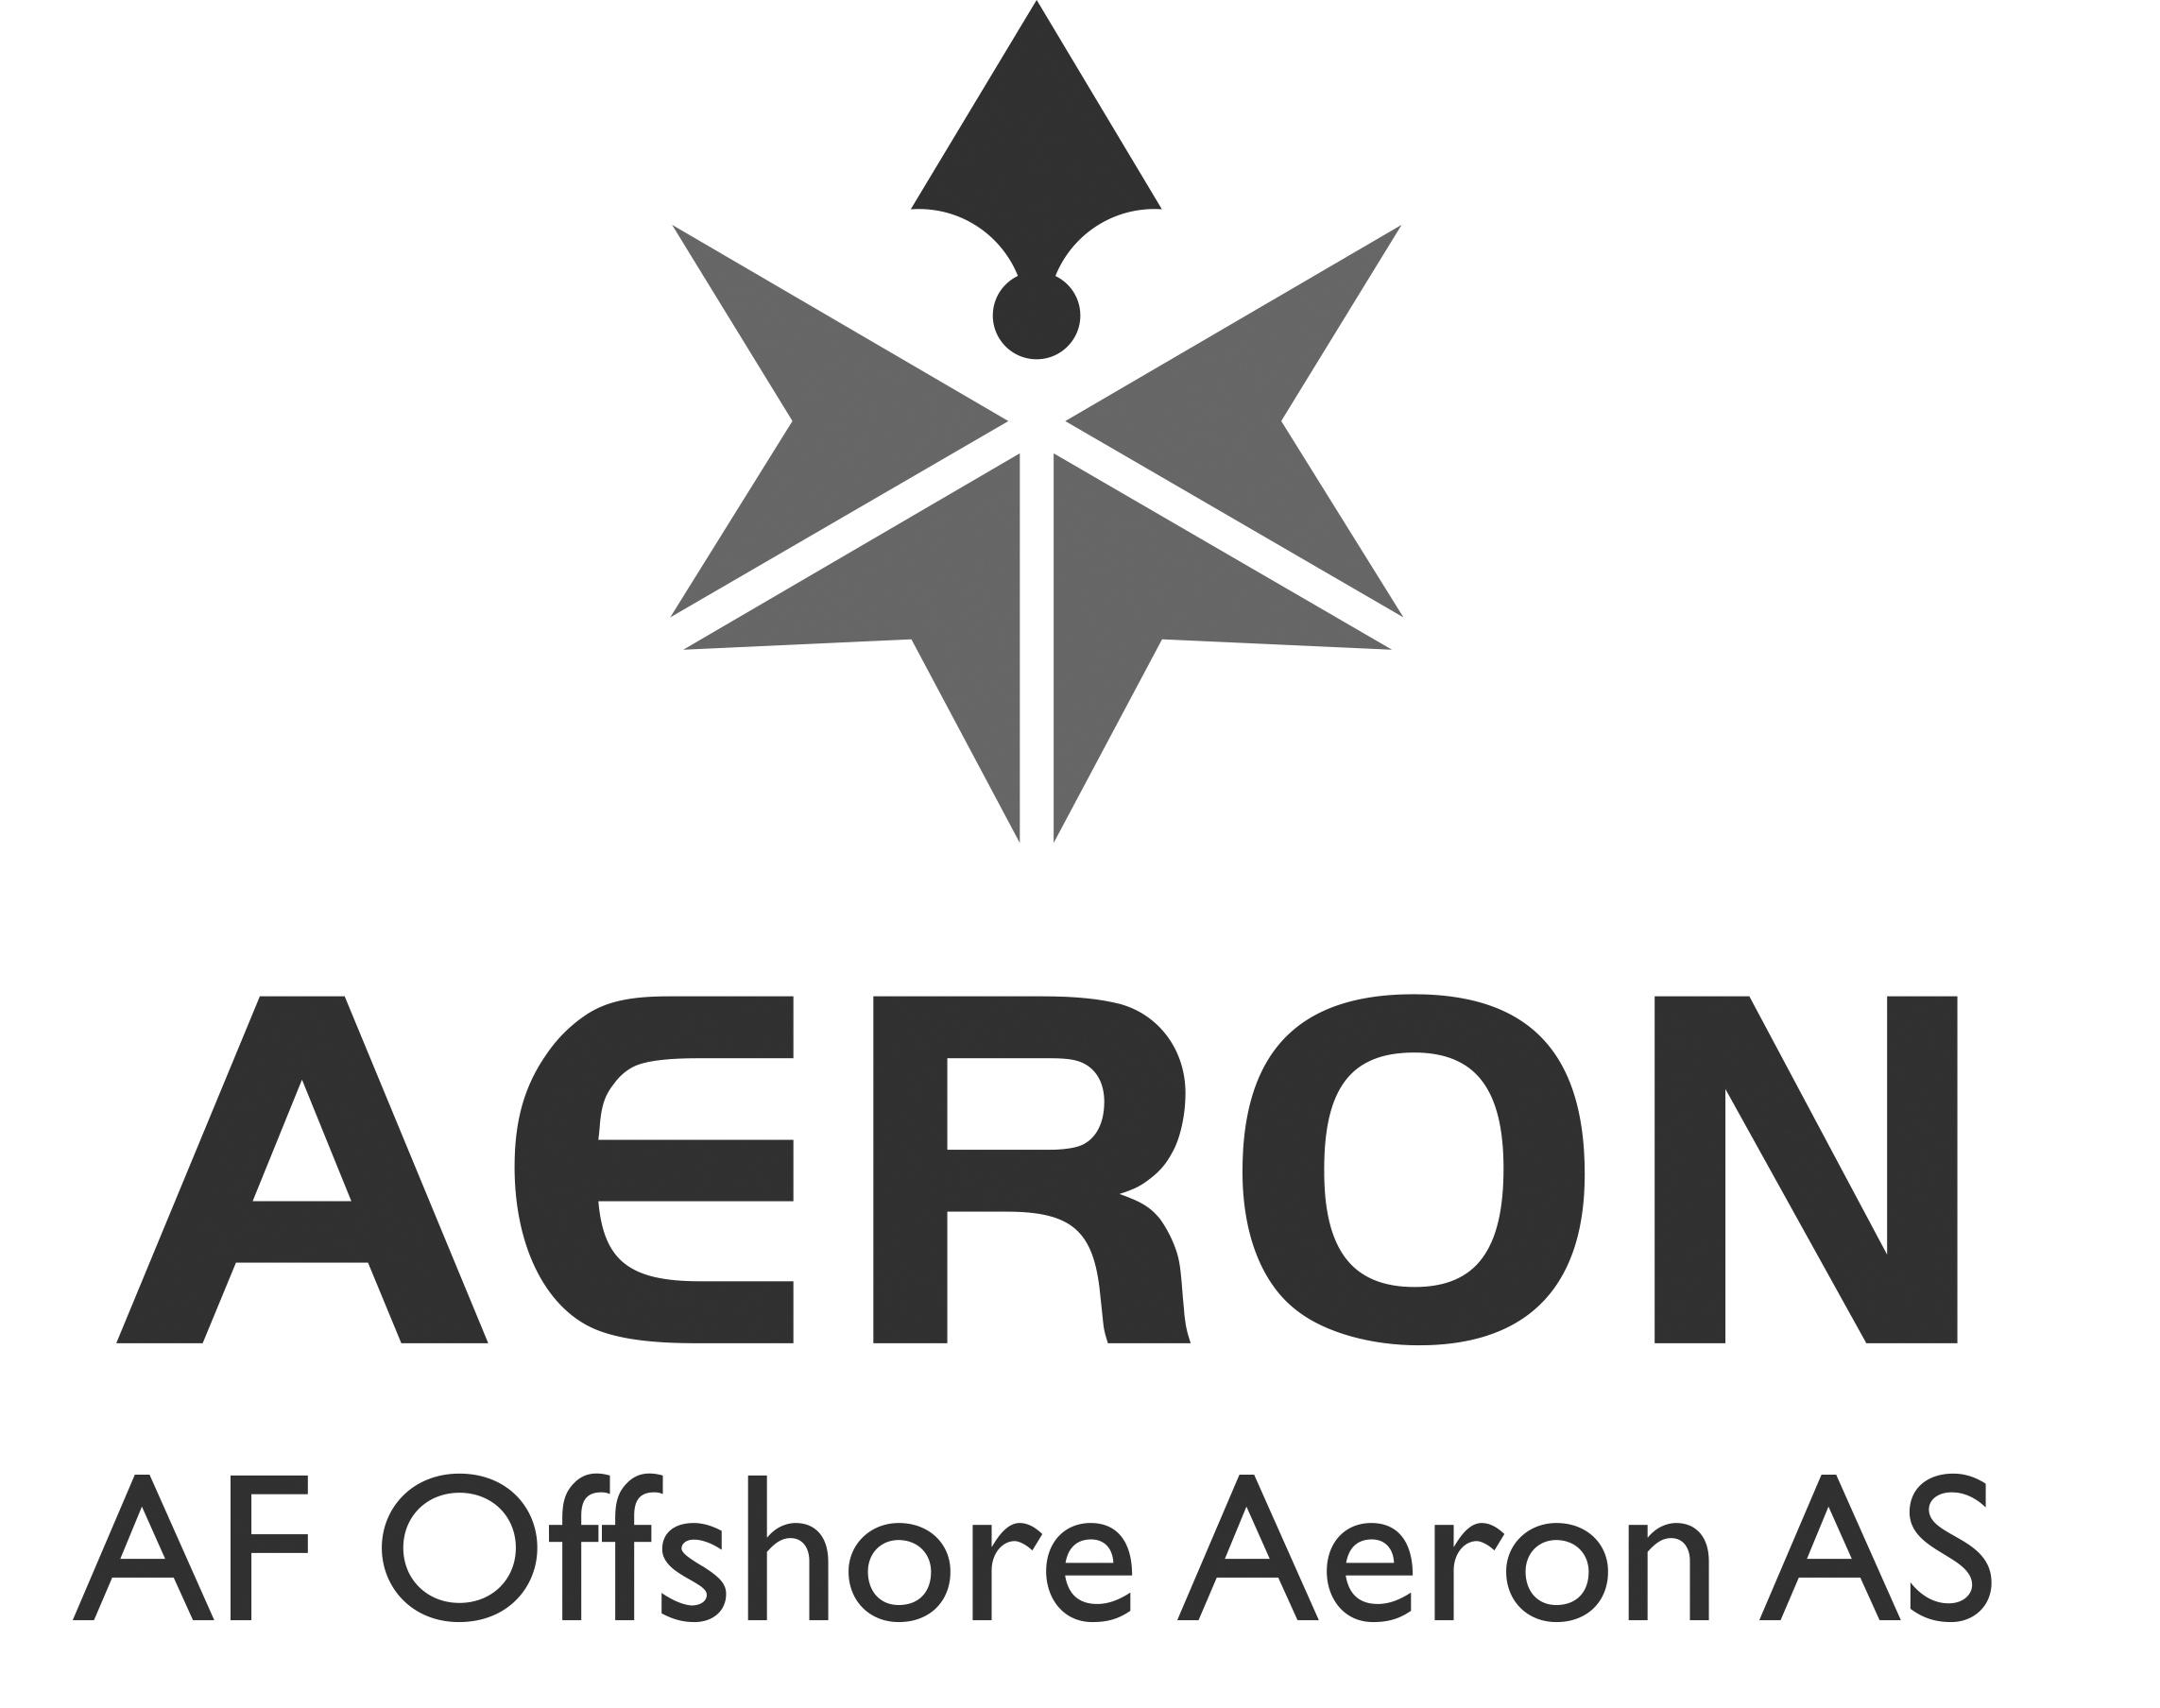 Aeron AS